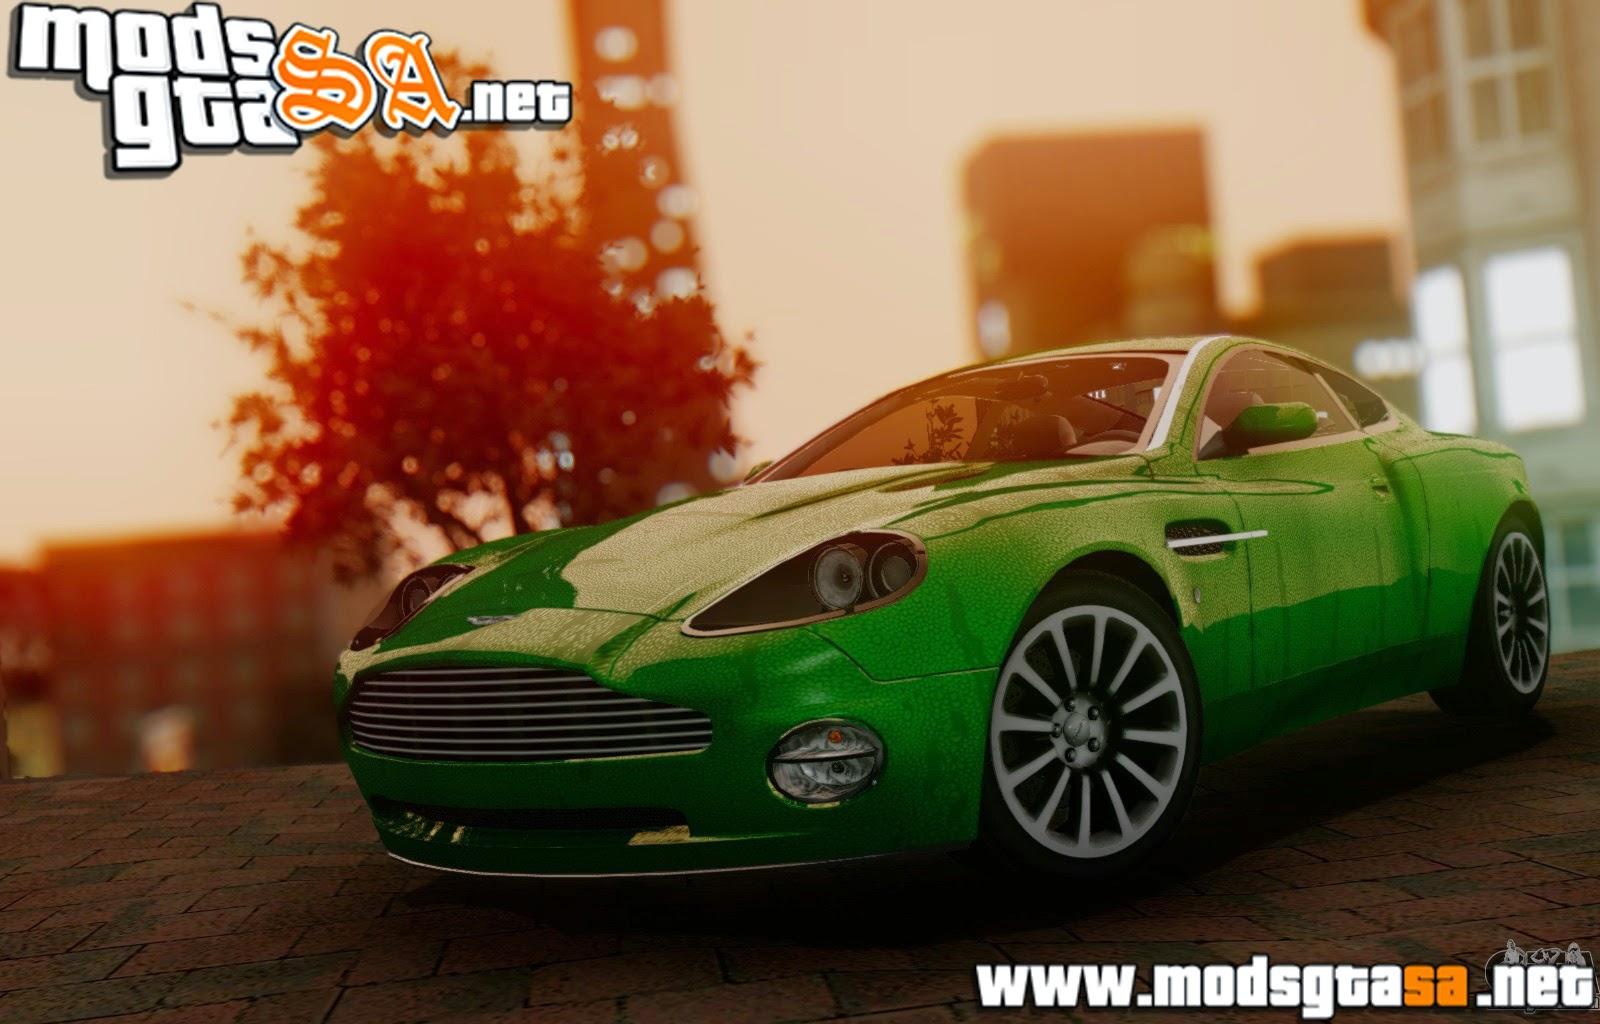 SA - Aston Martin V12 Vanquish 2001